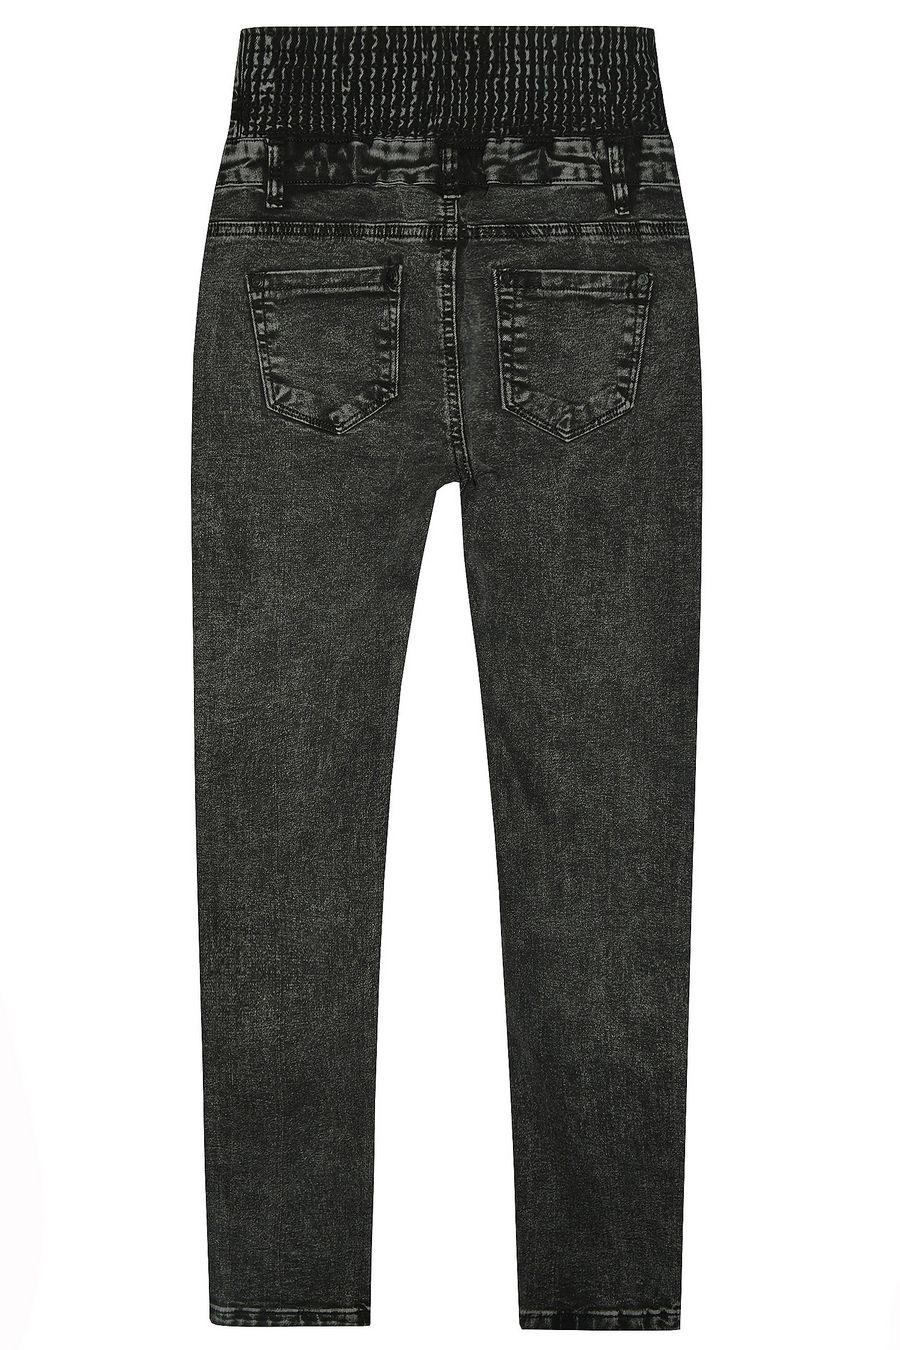 Джинсы женские K.Y Jeans HC297 - фото 2